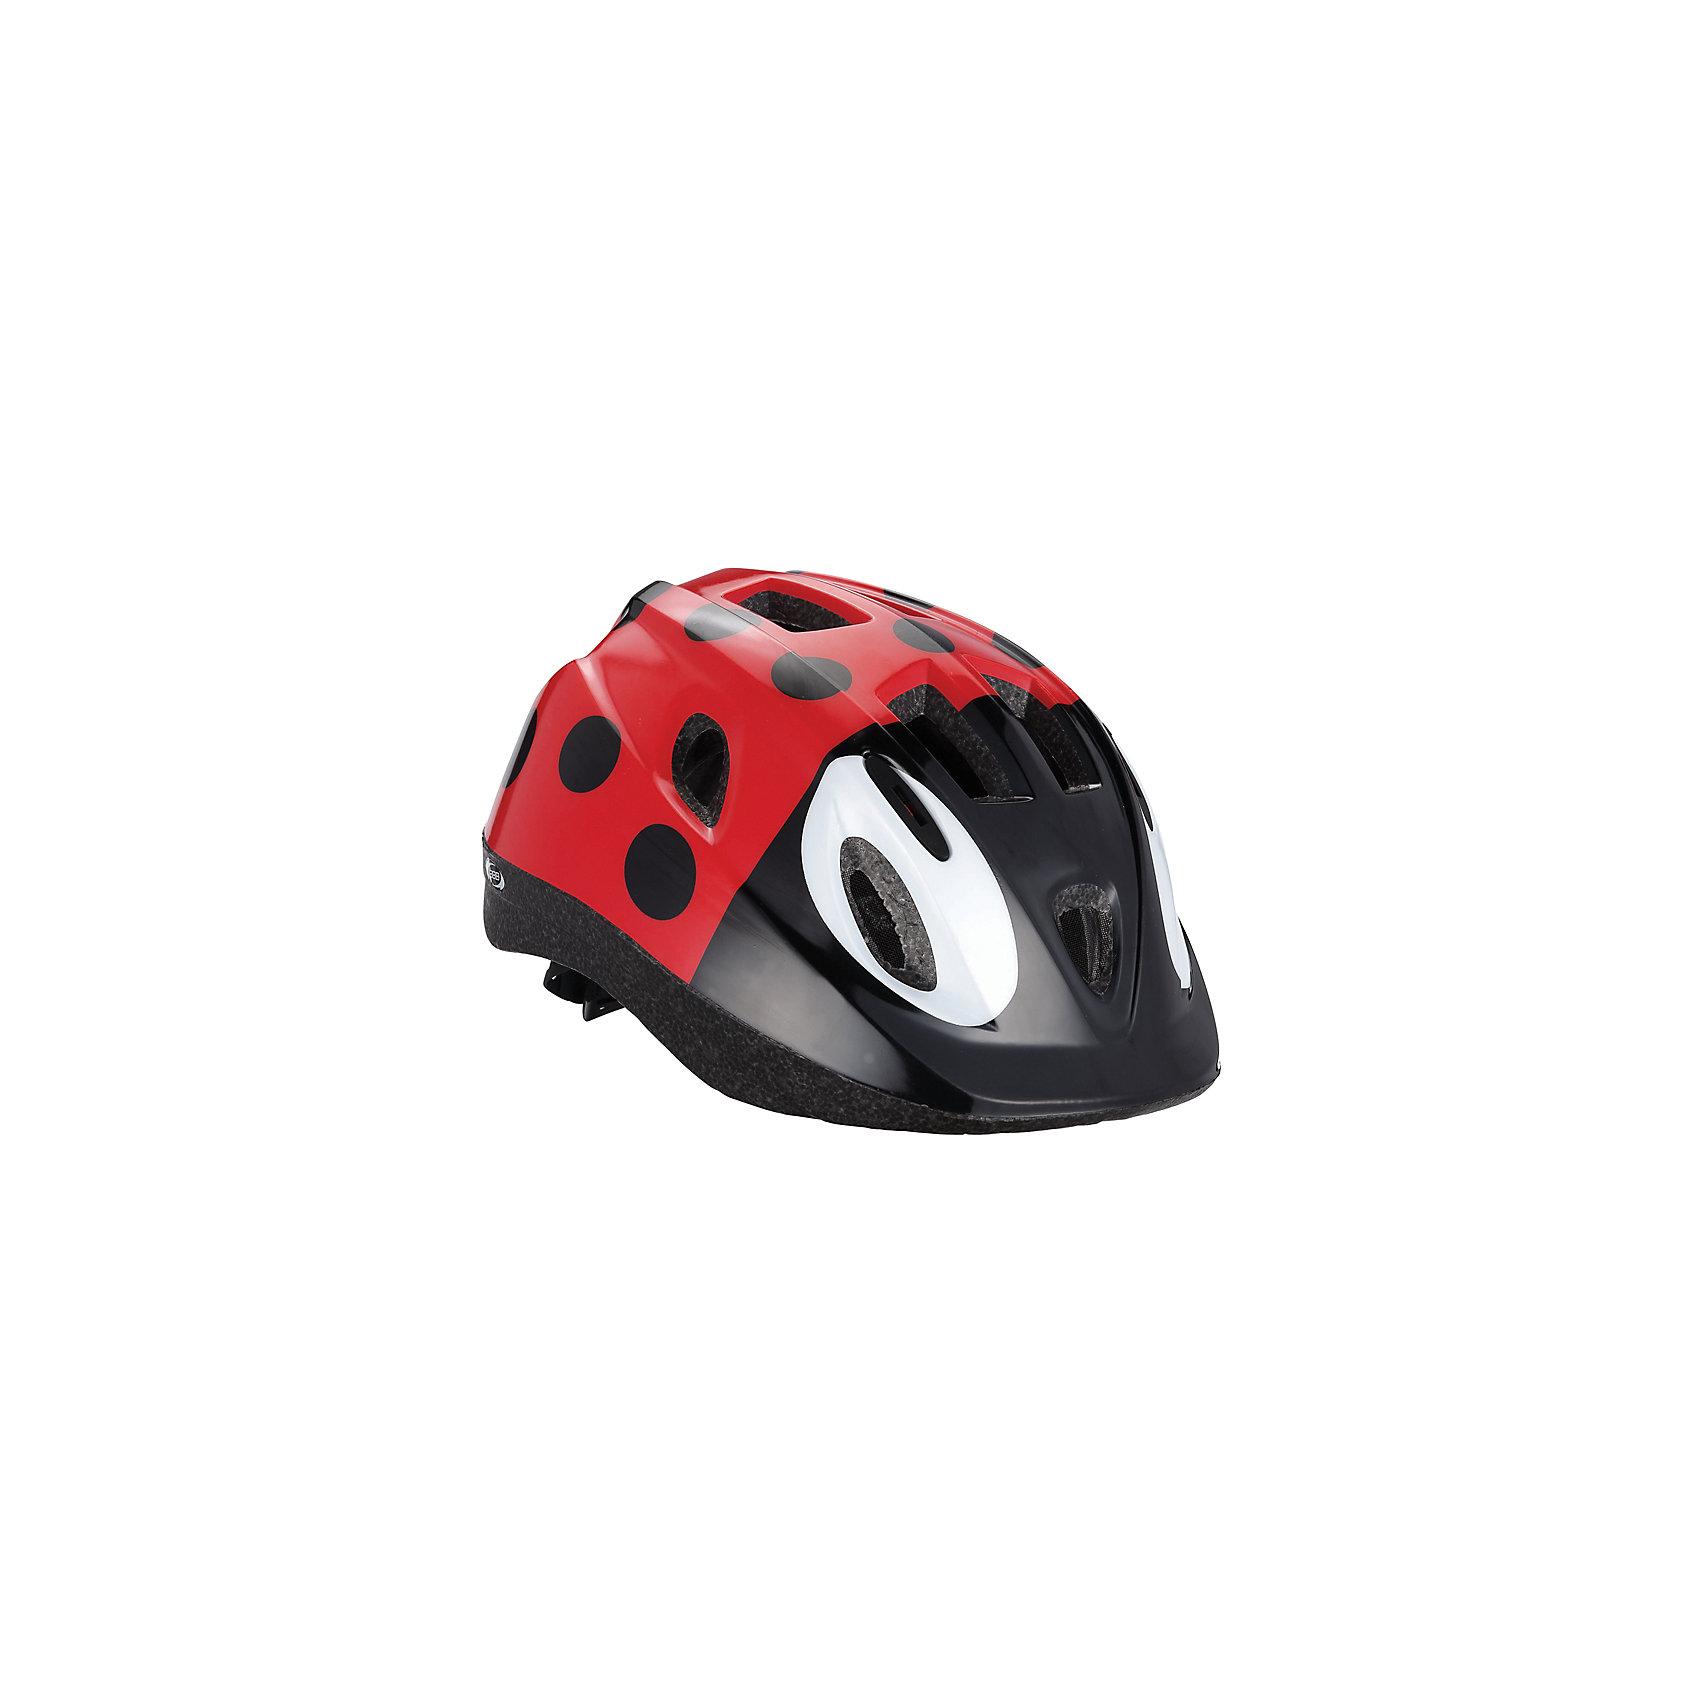 Летний шлем Жук Boogy , BBBЗащита, шлемы<br>Характеристики товара:<br><br>• 12 вентиляционных отверстий<br>• задние вентиляционные отверстия для оптимального воздушного потока<br>• сетка - защищает от насекомых<br>• регулируемые ремни для совершенной и удобной посадки<br>• легкая регулировка TwistClose системы, можно регулировать одной рукой <br>• моющиеся антибактериальные колодки<br>• светоотражающие наклейки сзади<br>• размеры: S (48-54 см) и M (52-56 см)<br>• страна производства: Тайвань<br><br>Активный отдых на свежем воздухе - лучшее времяпрепровождение летом. Неважно, что выбрал ребенок: самокат, беговел или велосипед,  в любом случае, шлем необходим по правилам техники безопасности. <br><br>Внешне шлем Boogy напоминает жука, что непременно порадует ребенка и у него не будет повода отказаться его надевать.<br><br>Летний шлем Жук Boogy можно купить в нашем интернет-магазине.<br><br>Ширина мм: 270<br>Глубина мм: 240<br>Высота мм: 180<br>Вес г: 500<br>Возраст от месяцев: 36<br>Возраст до месяцев: 144<br>Пол: Унисекс<br>Возраст: Детский<br>SKU: 5569385